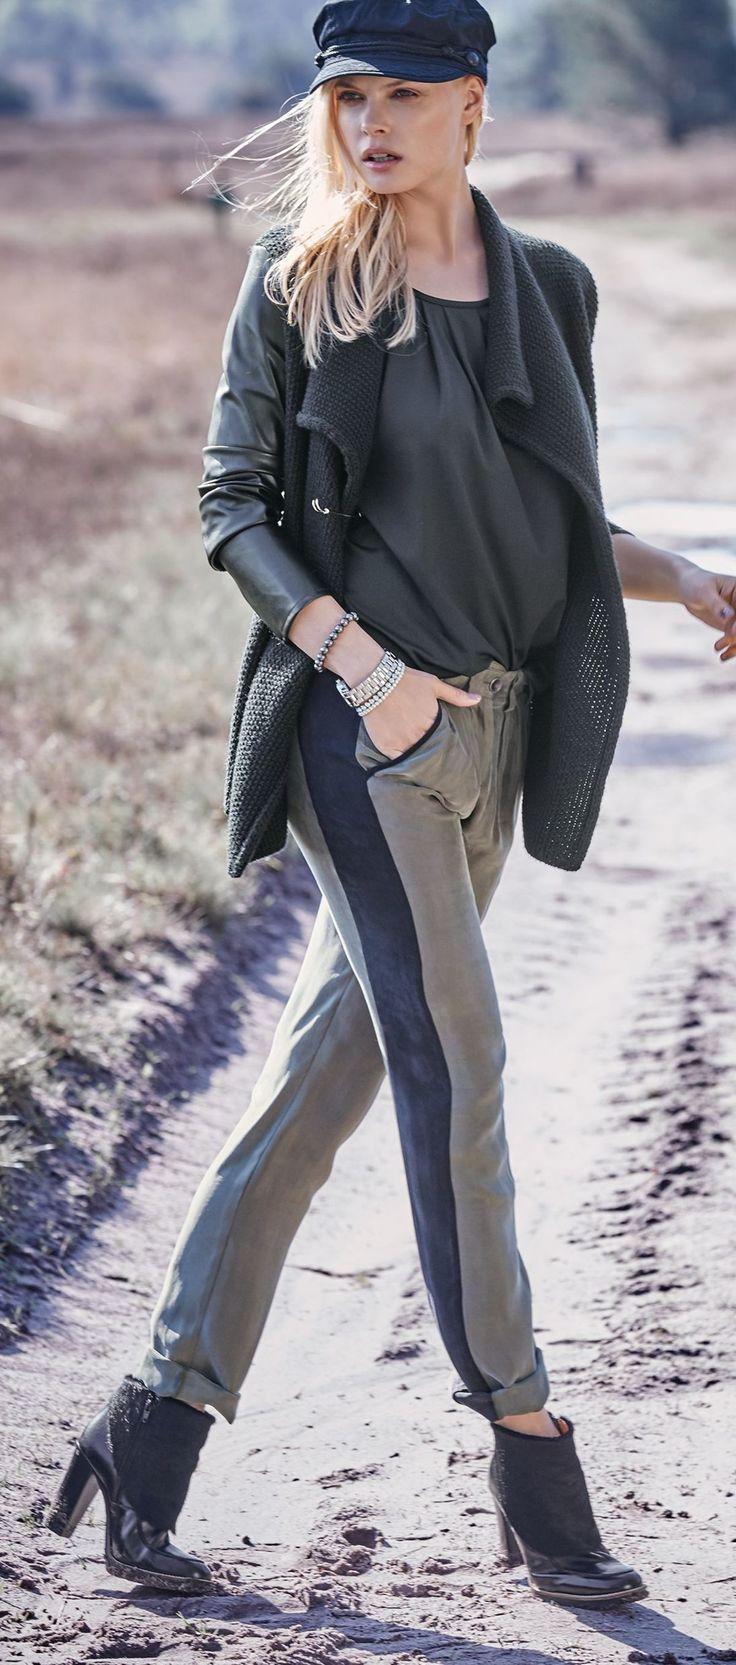 Markant: die schmalen Ärmel aus Kunstleder, mit Strick unterlegt. Offen: die Front an der Jacke aus Grobstrick. Leger geschnitten, in Schwarz, mit Schalkragen. #impressionen #trendfarben2015 #fashion #black #red #trends #herbst #impressionenversand